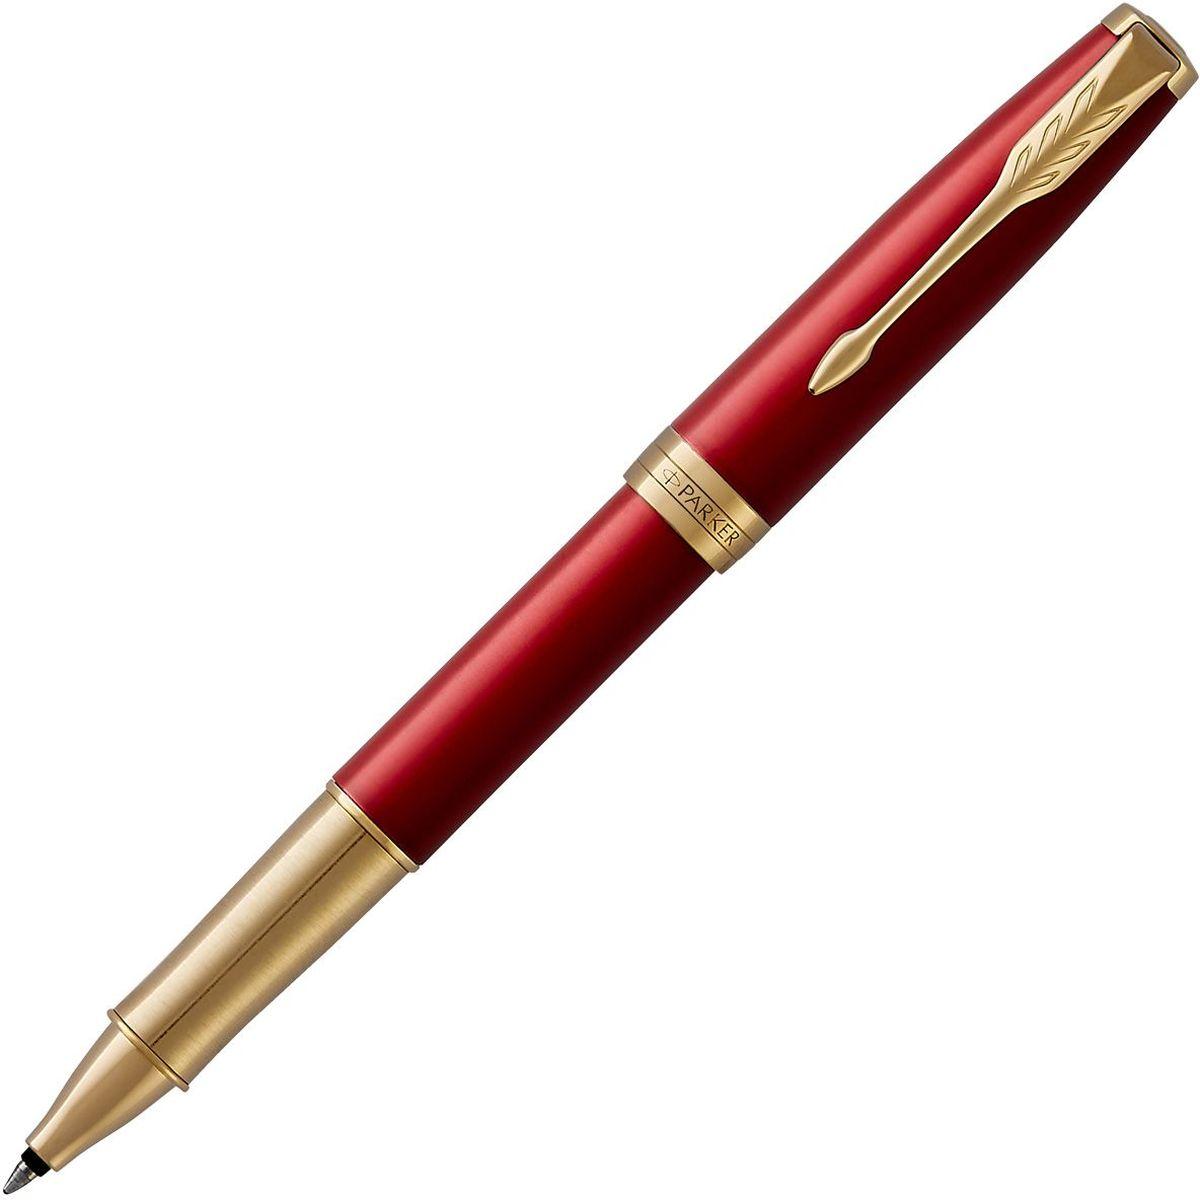 Parker Ручка-роллер-премиум SONNET Red GT чернаяPARKER-1948085Ручка-роллер Parker Sonnet Red GT отличается тонкой гармонией, с которой в ней соединяются традиция и оригинальность. Ееуникальность таится в умеренном стиле и классических формах. Это - идеальное сочетание уверенного знания и взвешенной мысли, необходимоево все времена. Изысканное лаковое покрытие красного цвета в сочетании с декоративным элементами, покрытыми золотом. Ручка упакована в фирменнуюкоробку Parker. Система заправки: заменяемые стандартные стержни Parker для ручек-роллеров.Материал отделки деталей корпуса:Торец ручки: латунь, покрытая золотом.Зажим колпачка: сталь, покрытая золотом.Кольцо: латунь, покрытая золотом.Зона захвата из отполированной нержавеющей стали, покрытой золотом.